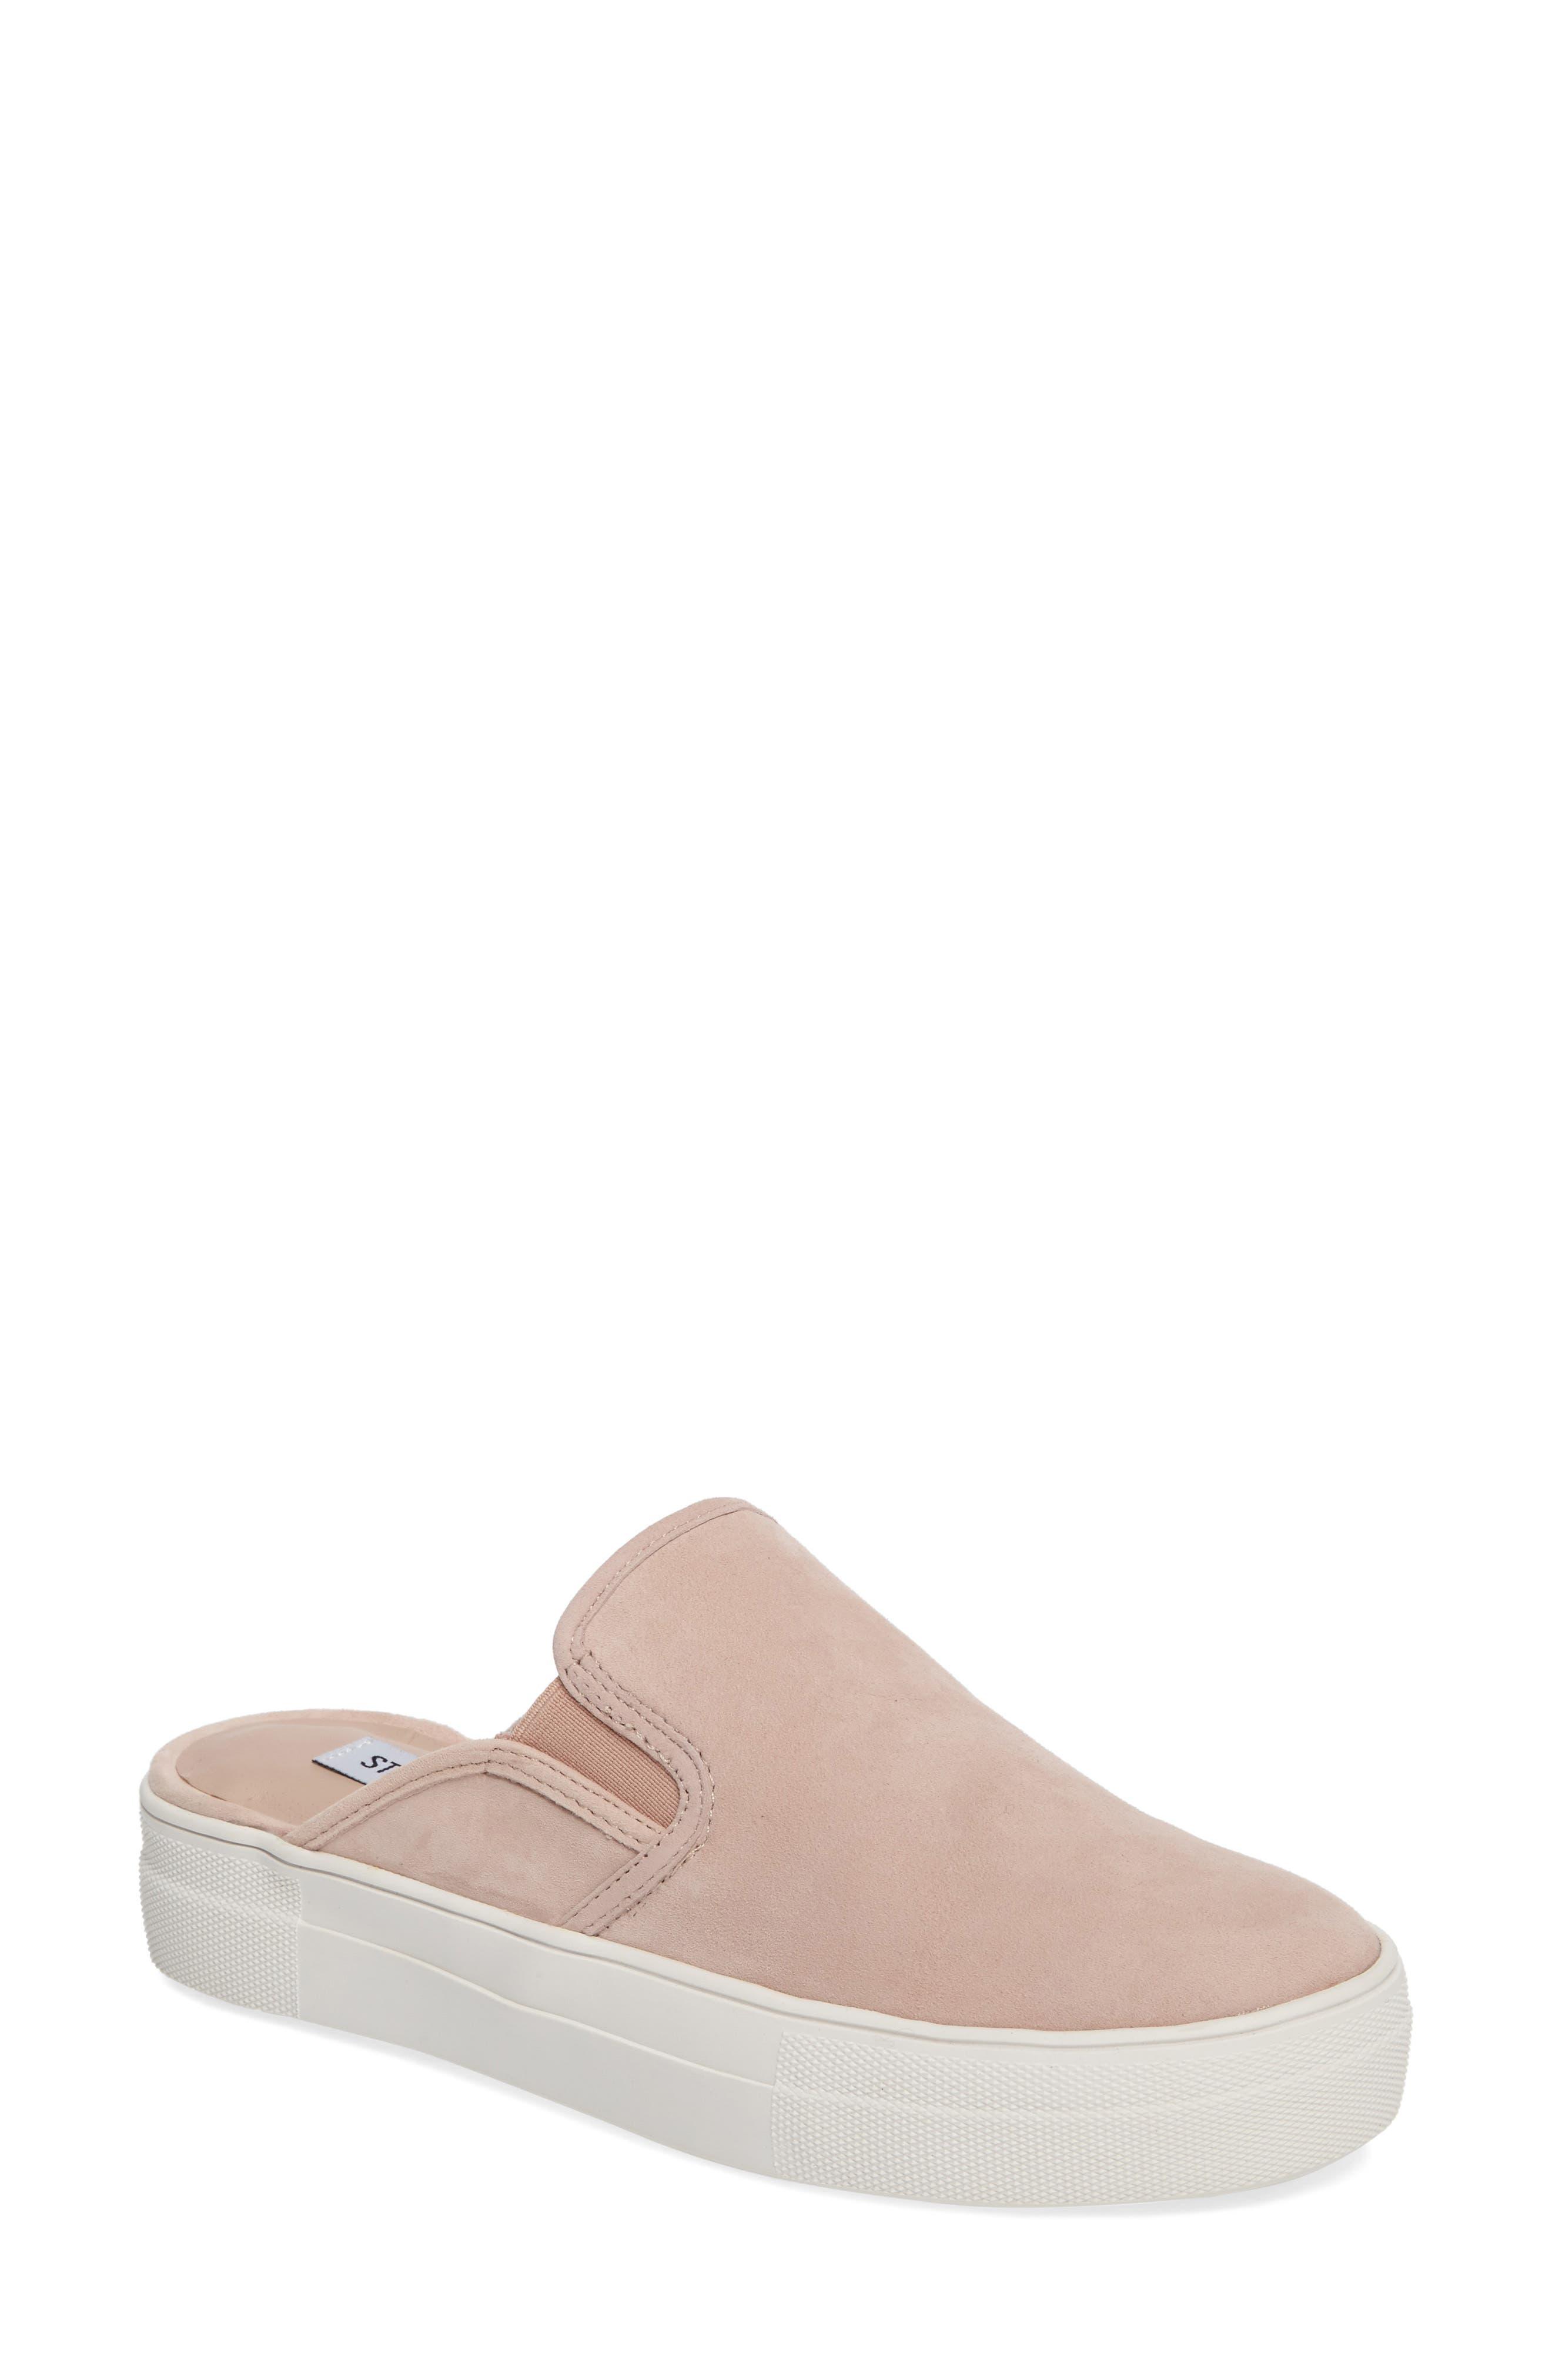 Glenda Sneaker Mule,                         Main,                         color, Light Pink